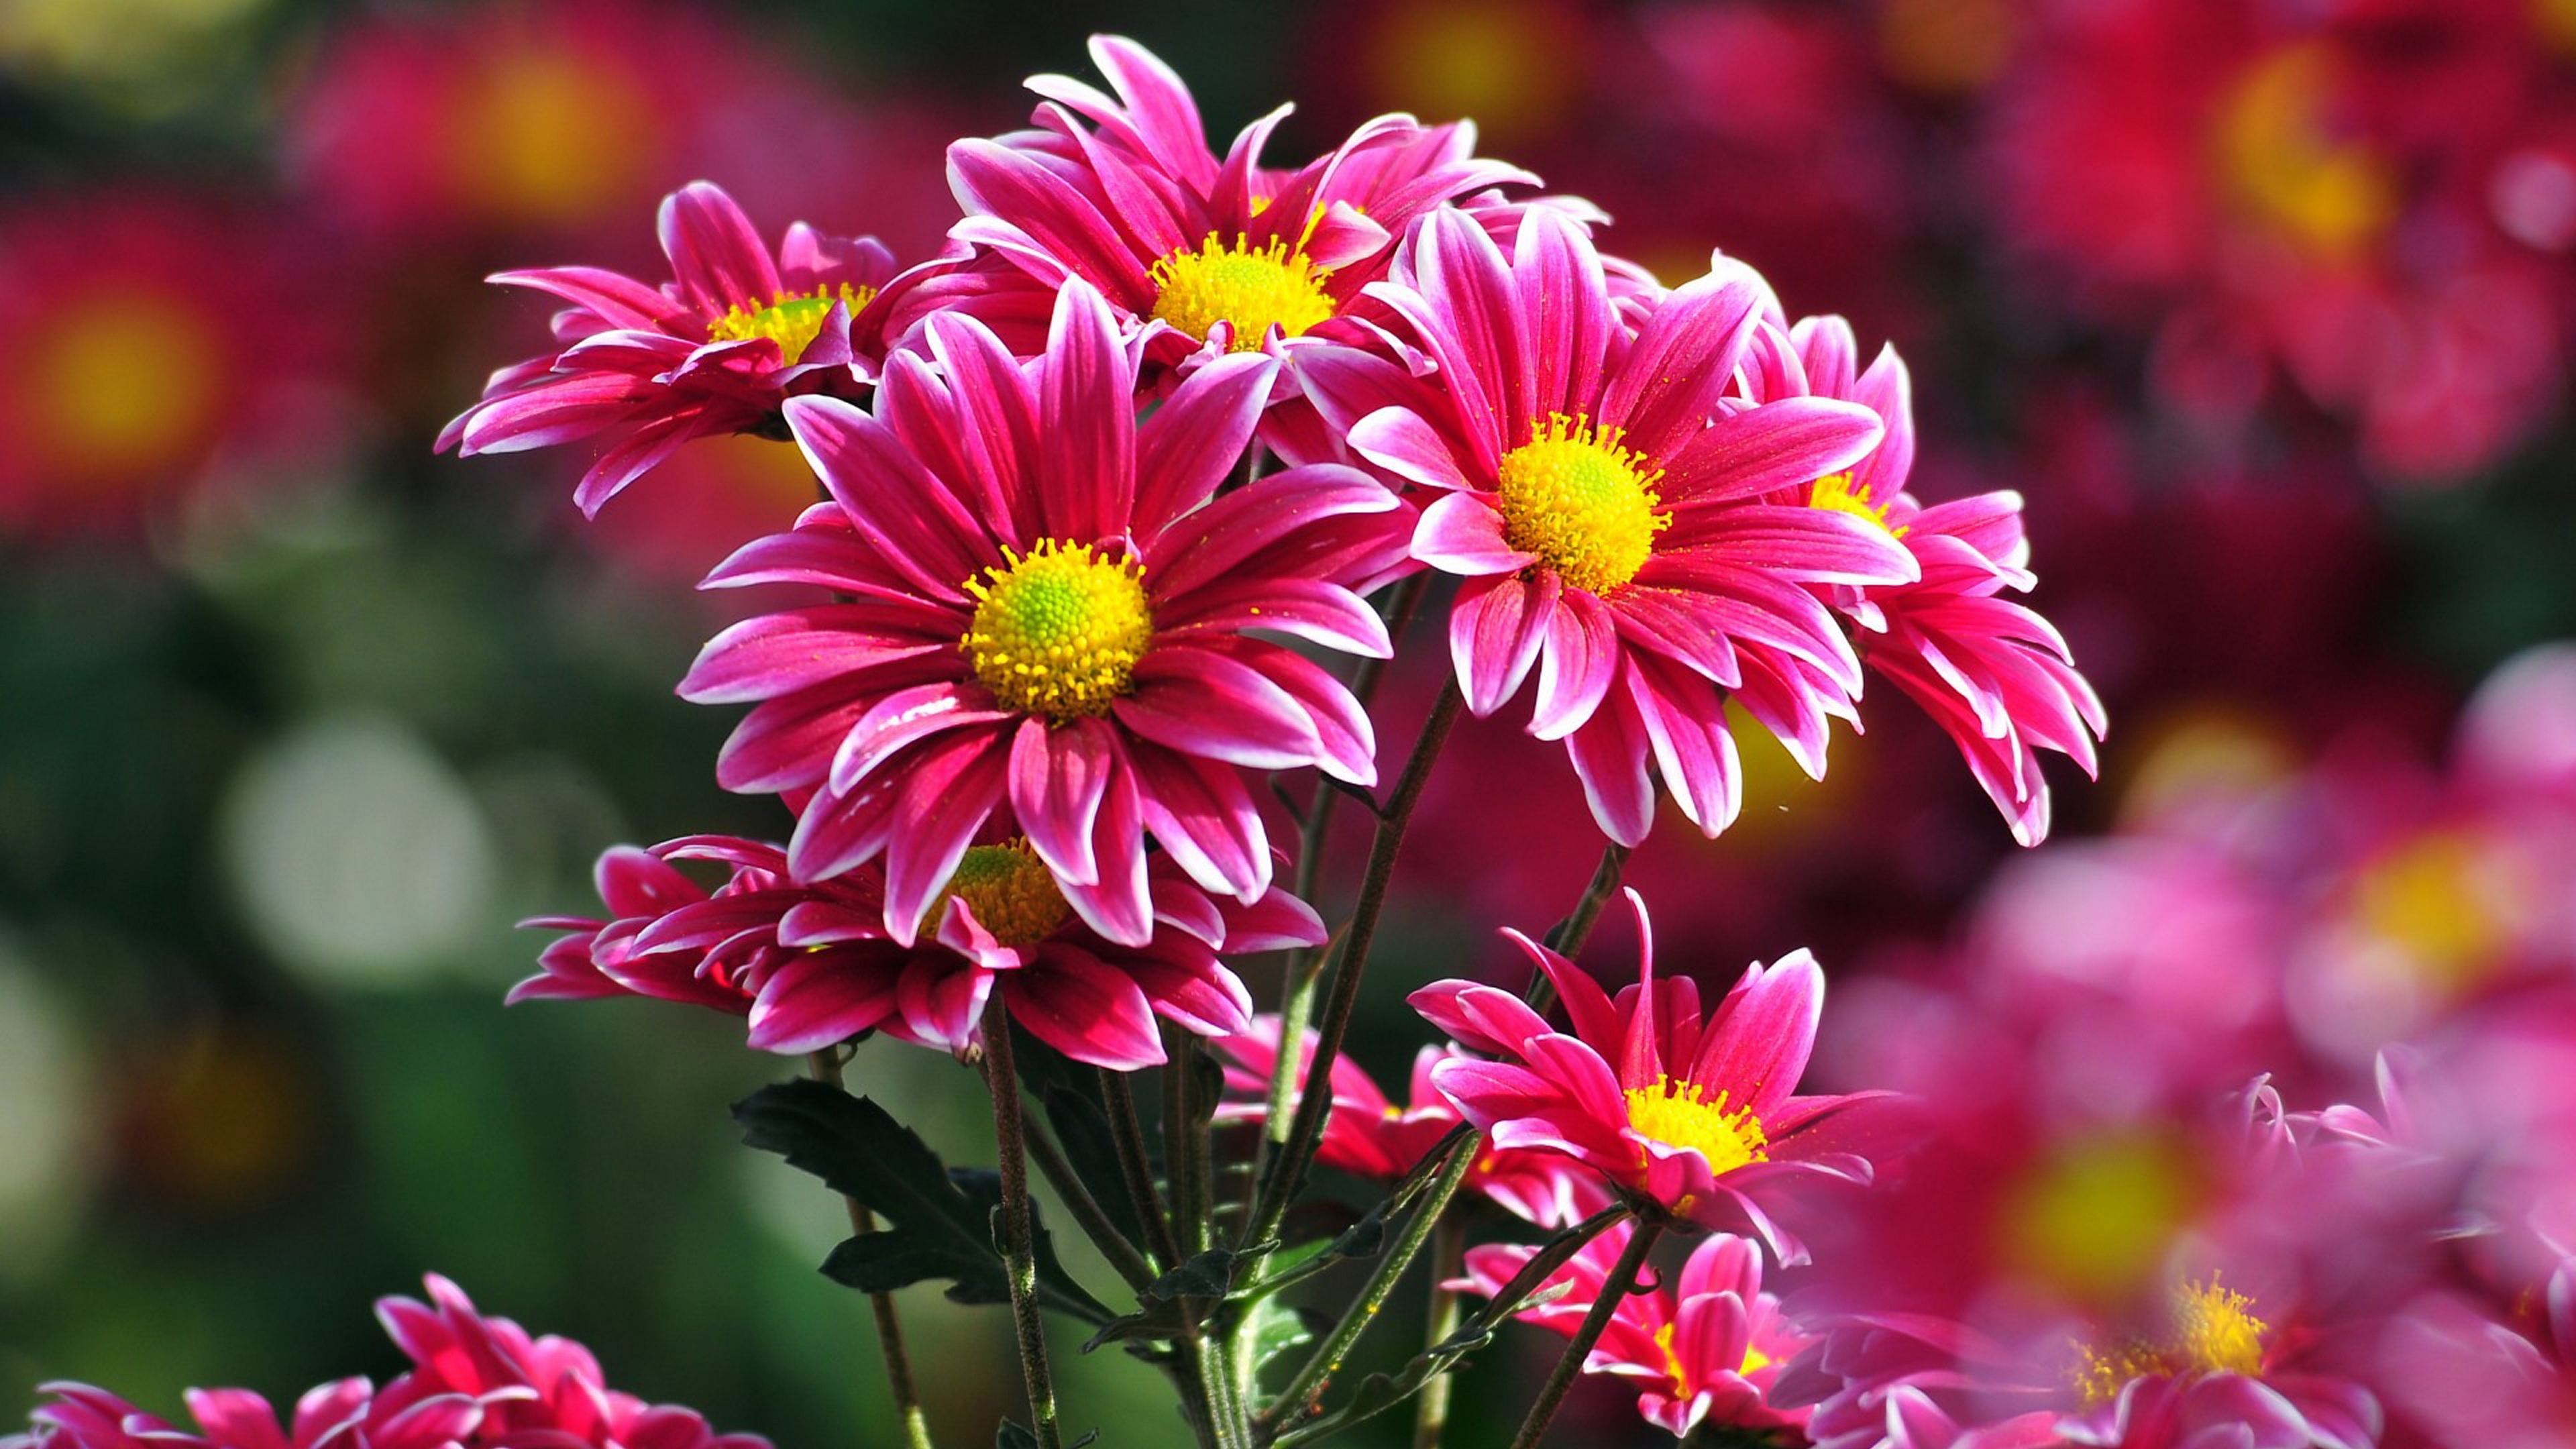 природа цветы Хризантема загрузить